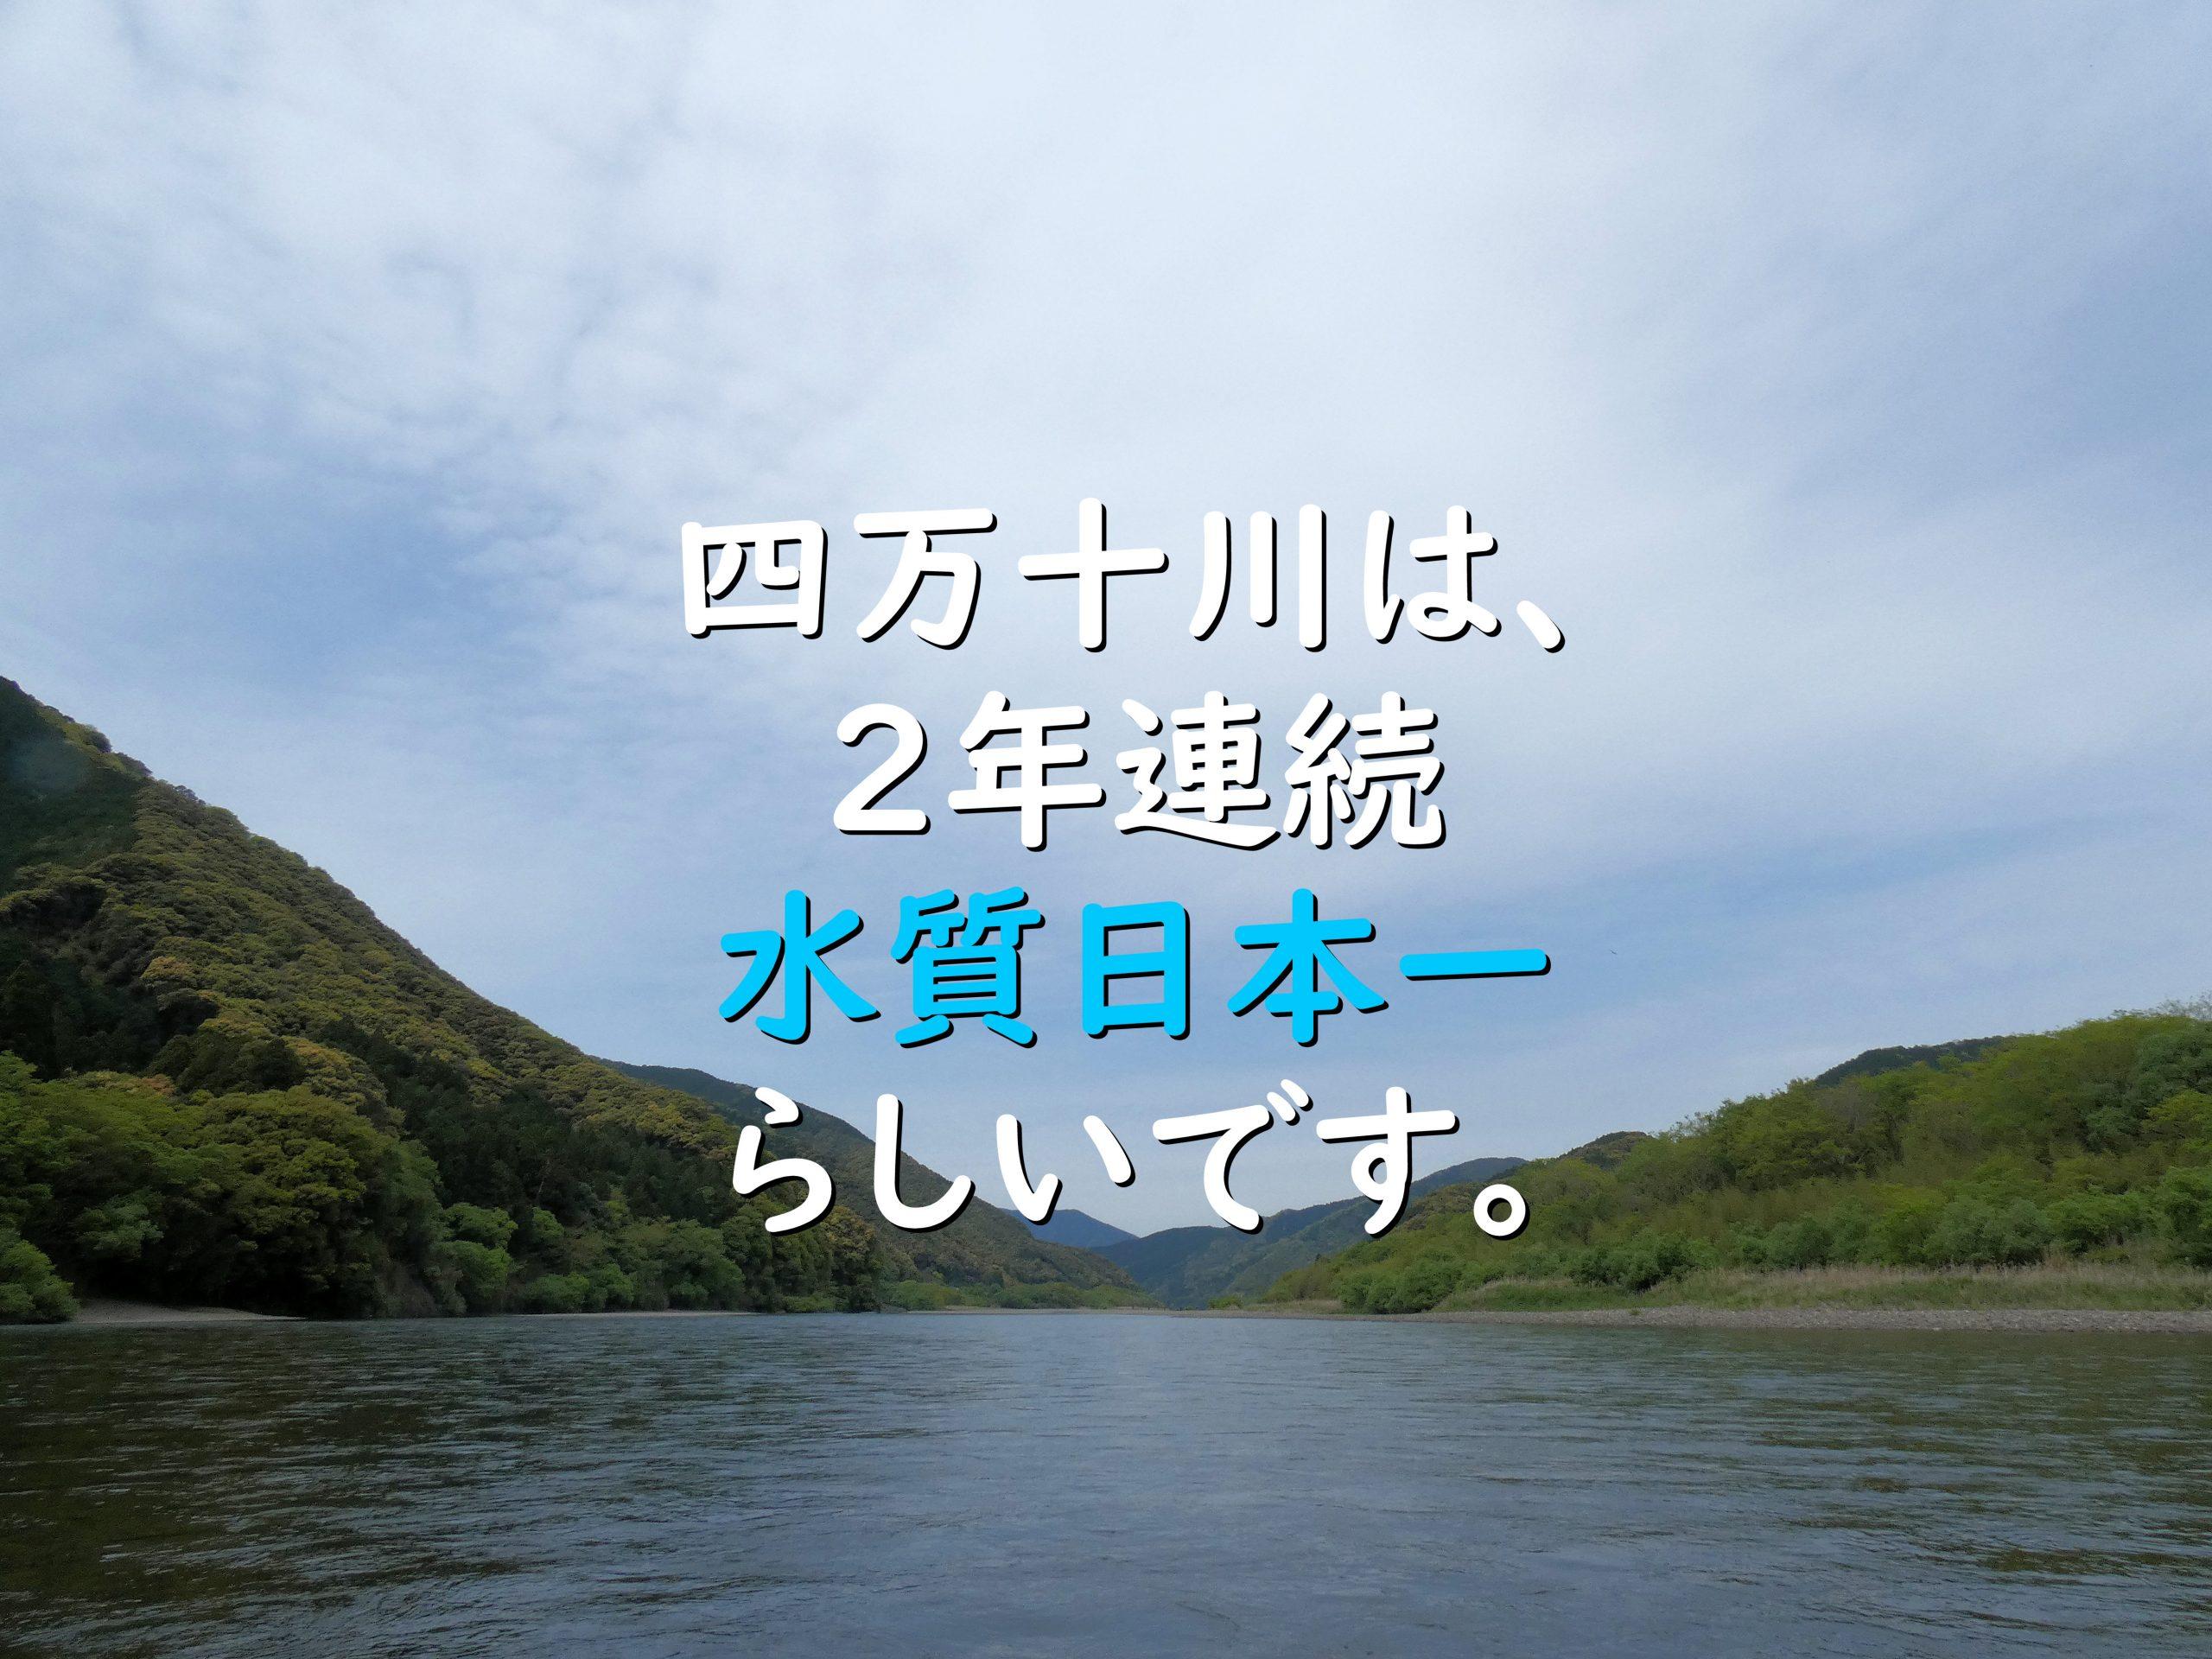 水質日本一の四万十川です